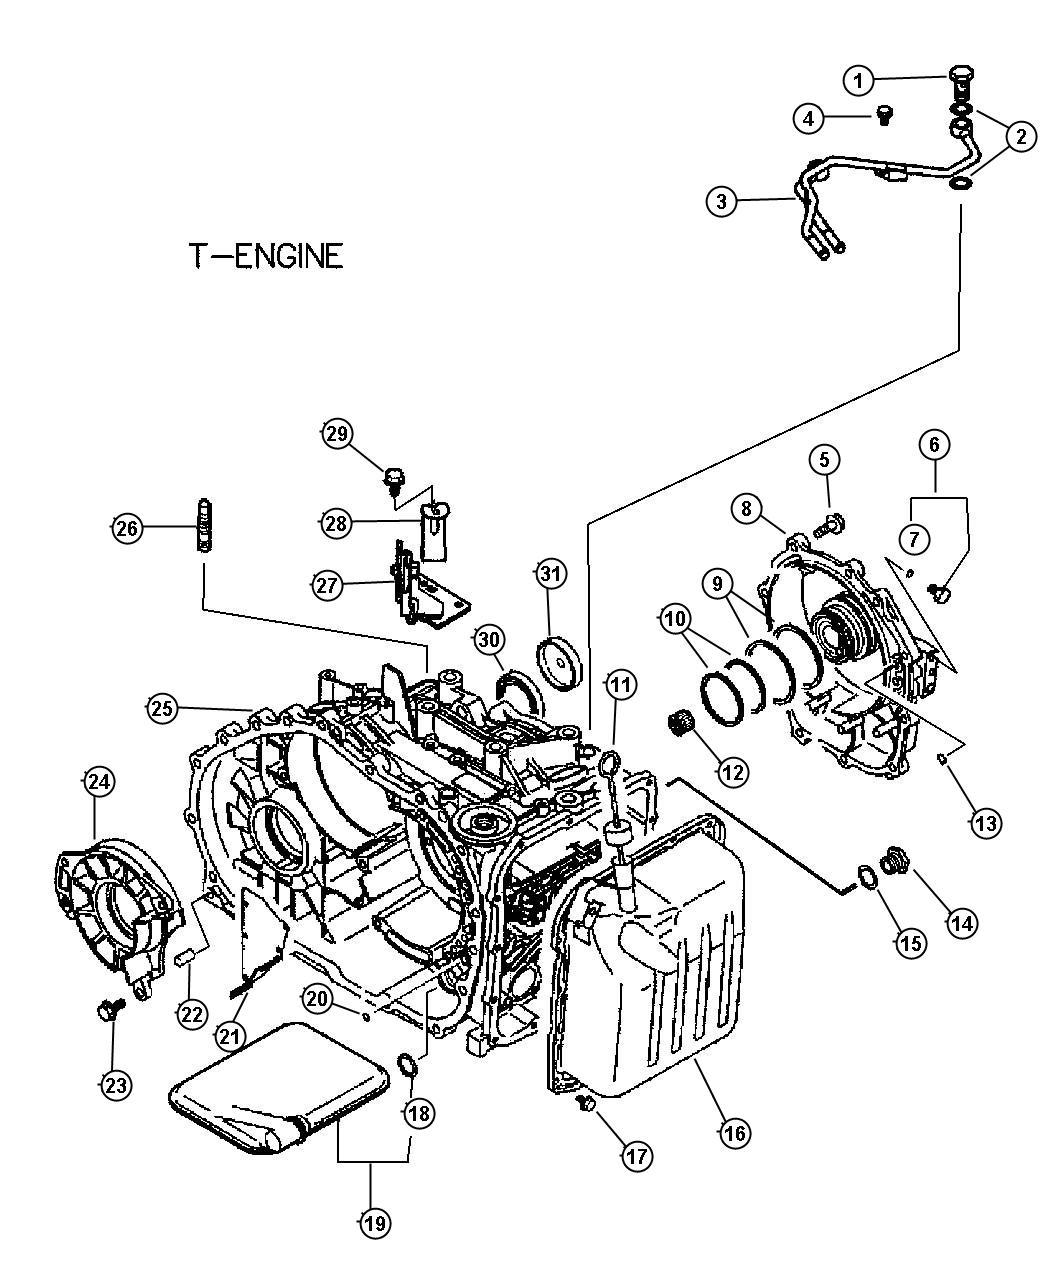 2005 Chrysler Sebring Filter. Valve body. Cylinder, case